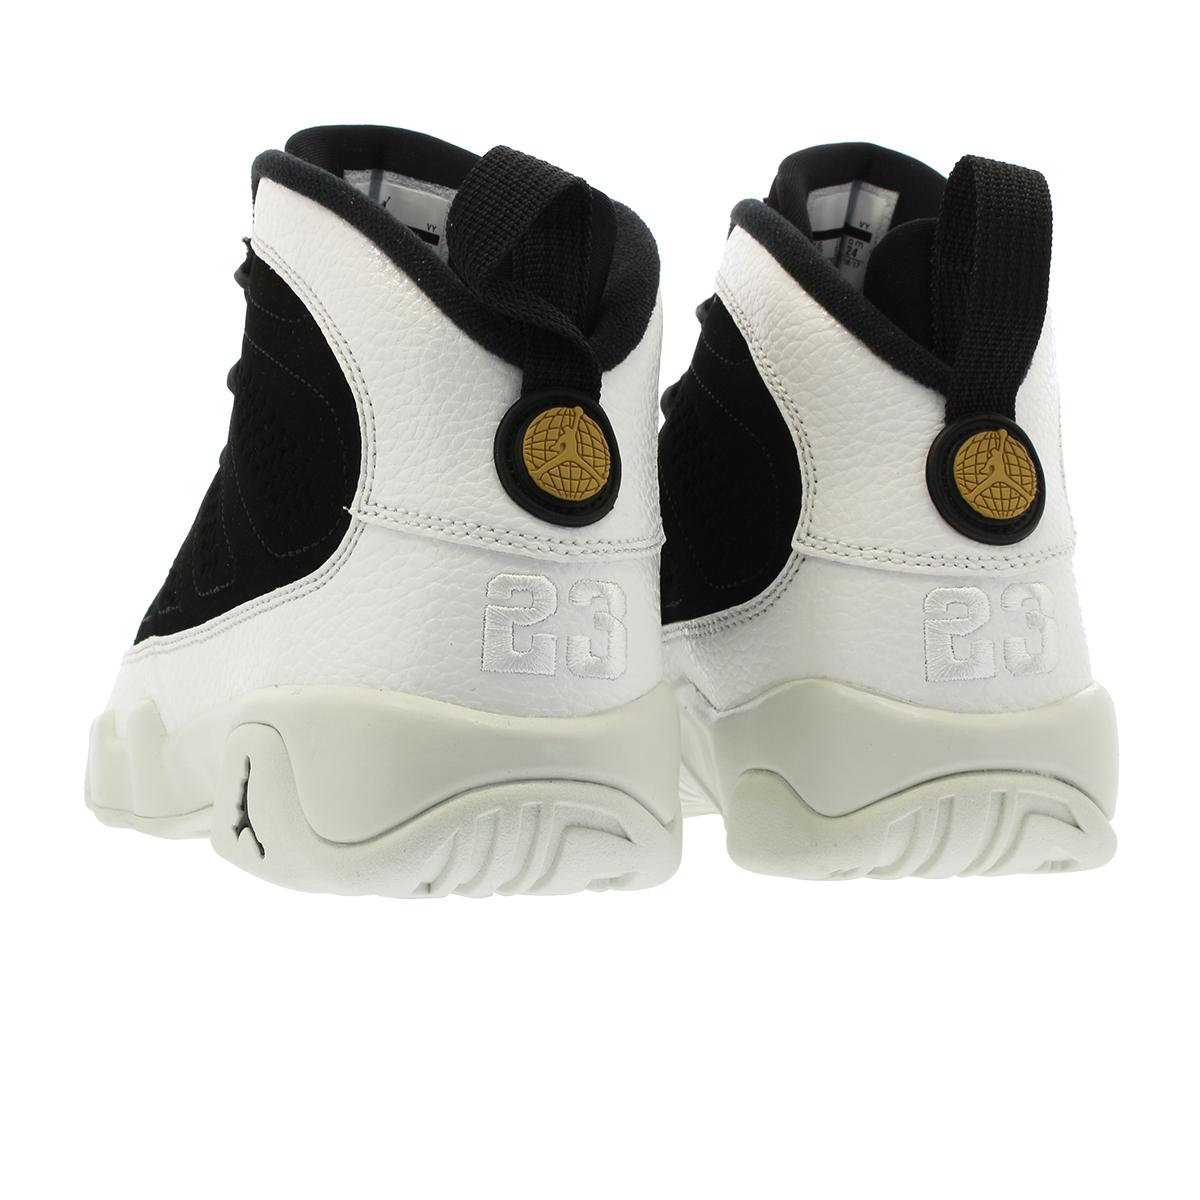 watch bf1e3 4b3a6 NIKE AIR JORDAN 9 RETRO GS Nike Air Jordan 9 GS BLACK/SUMMIT WHITE/METALLIC  GOLD 302,359-021